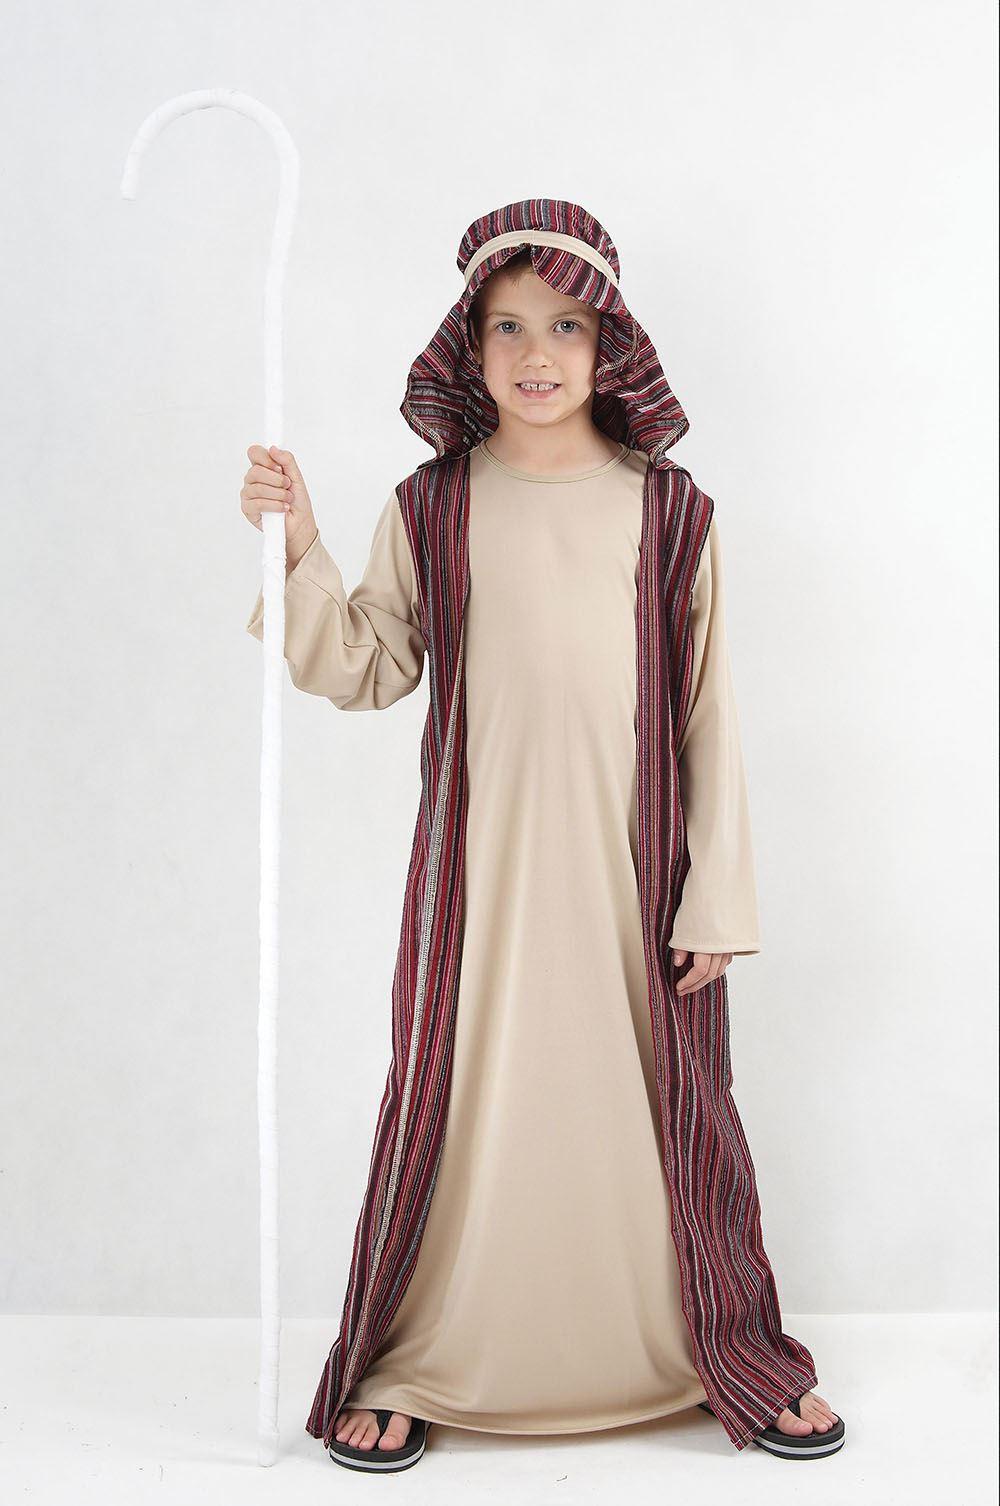 Ni os pastor jos disfraz tabernero bel n navidad disfraz - Disfraz nino navidad ...